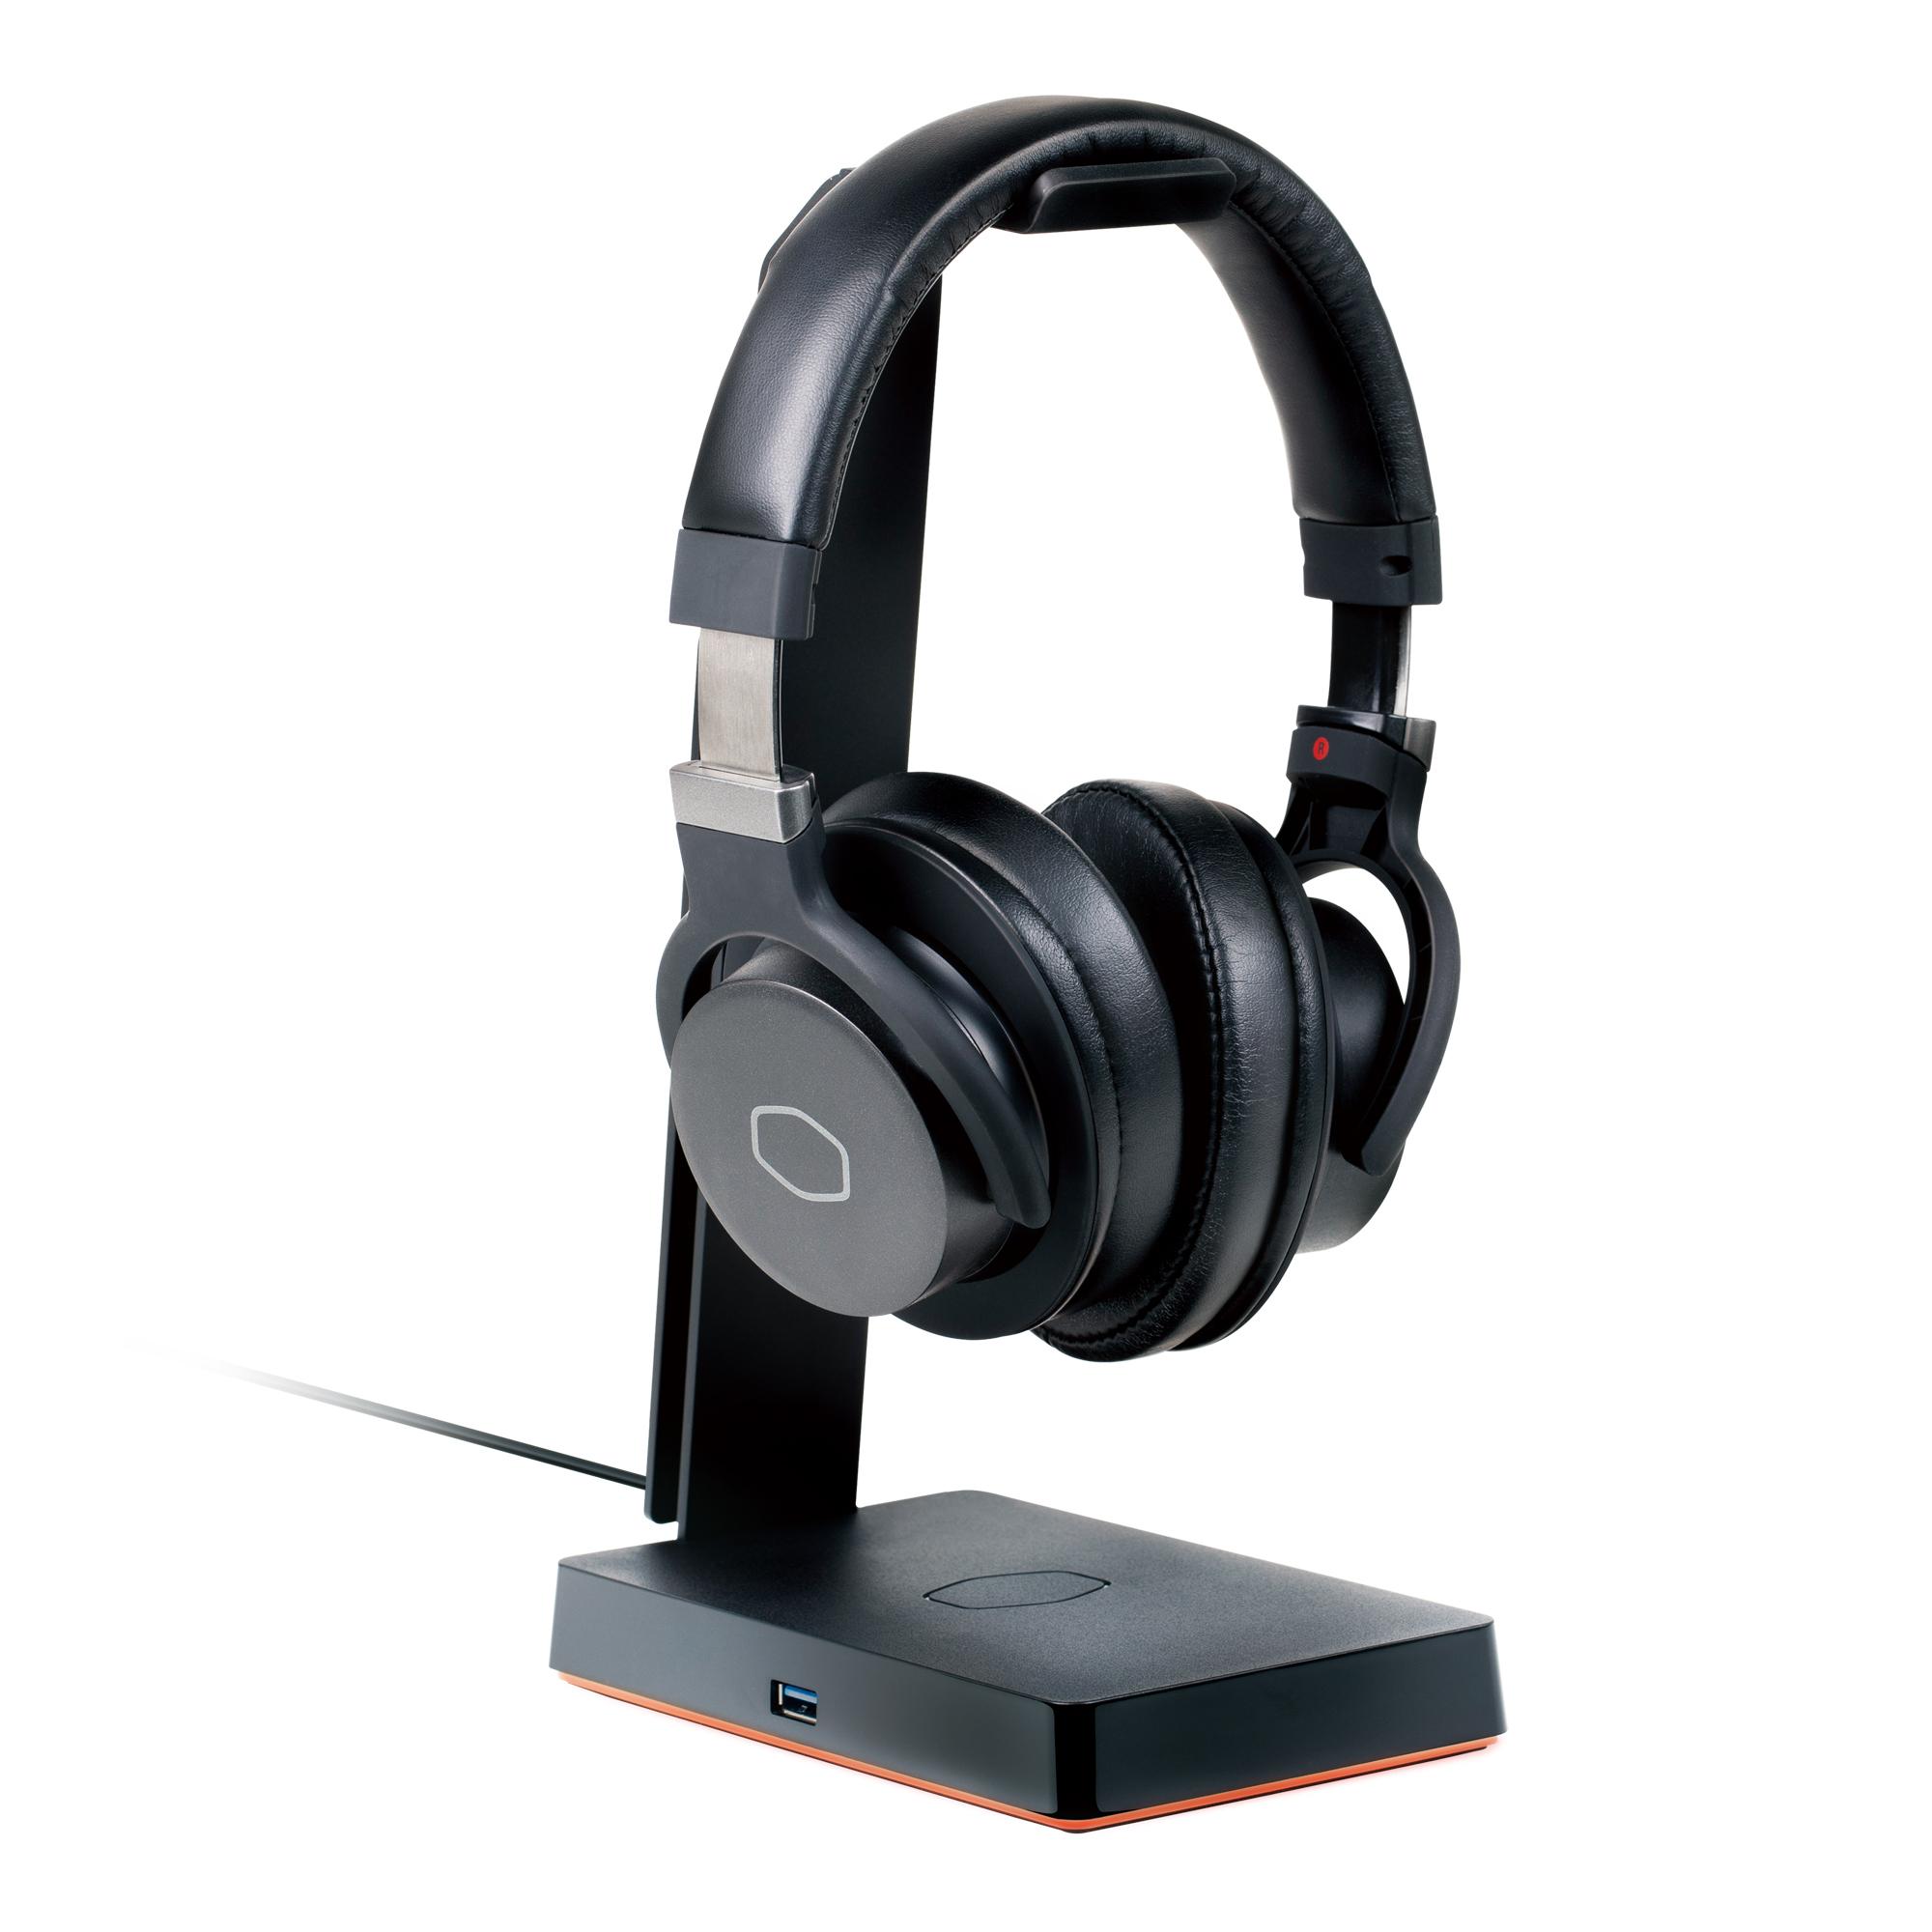 produkt-foto van 'Cooler Master Draadloze Koptelefoon - gs750, zwart, Qi draadloos opladen'